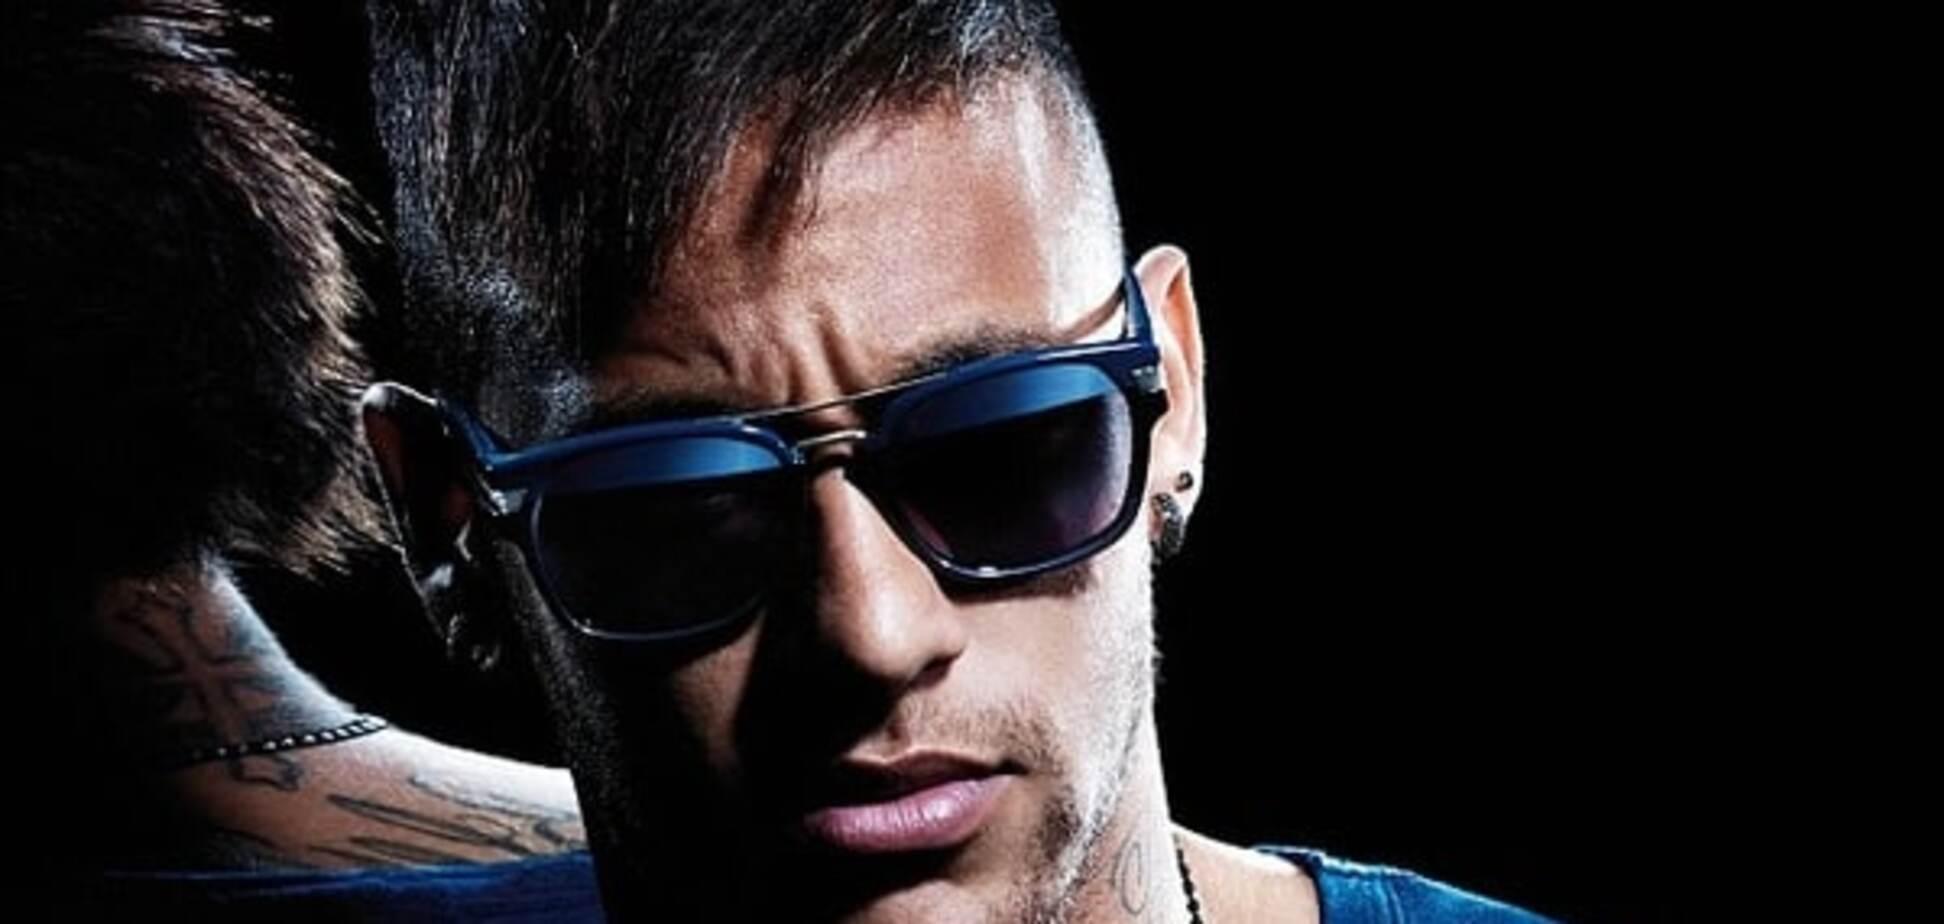 Звезда 'Барселоны' вместе с уругвайской супермоделью снялся в эффектной рекламе